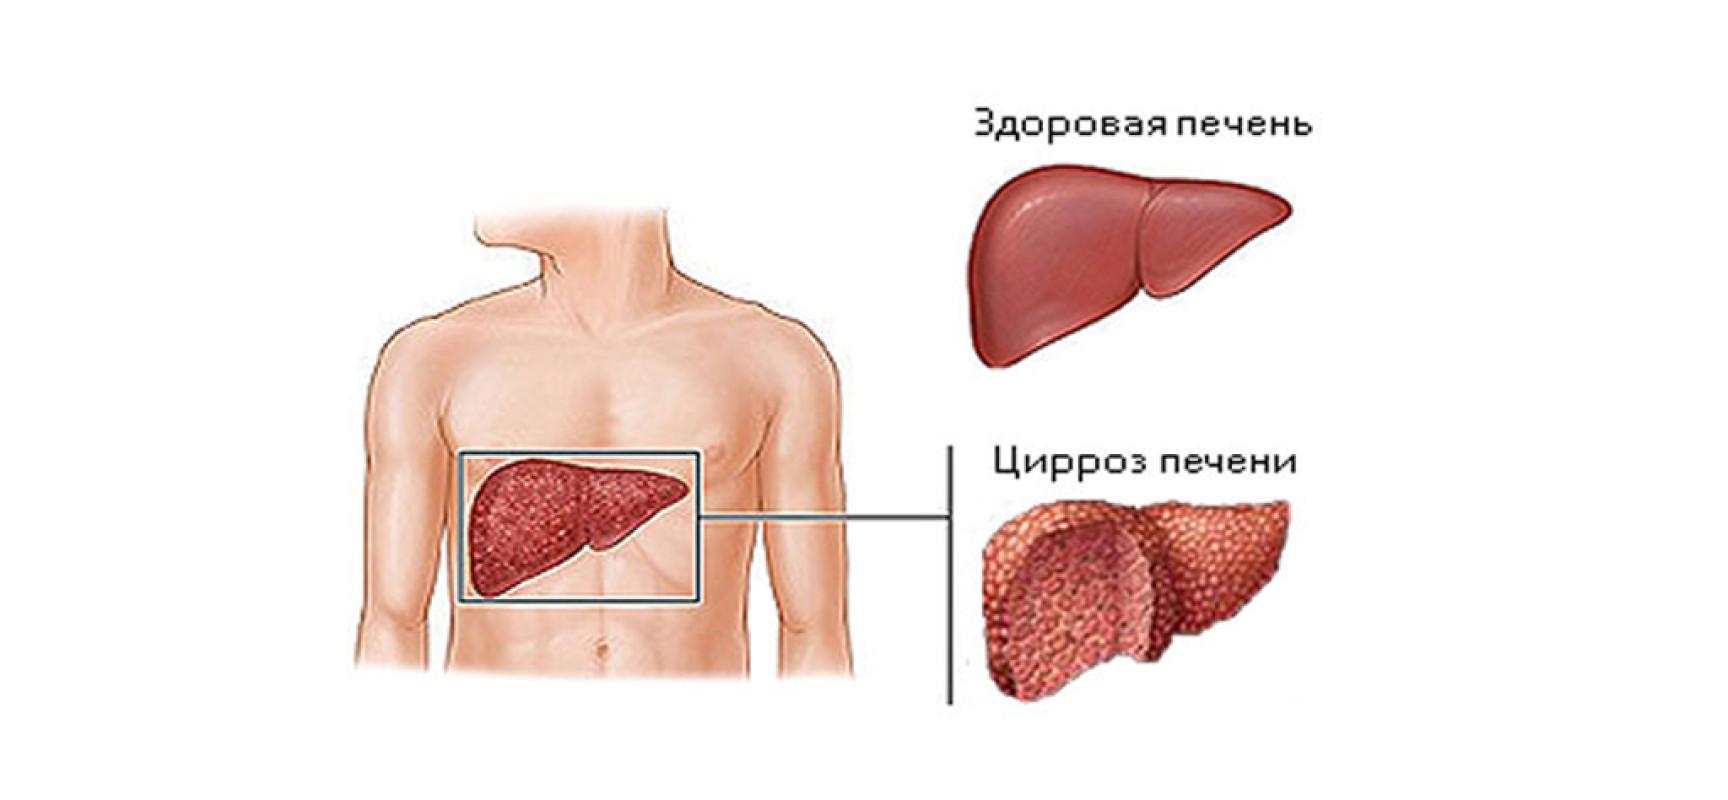 цирроз печени препараты для лечения